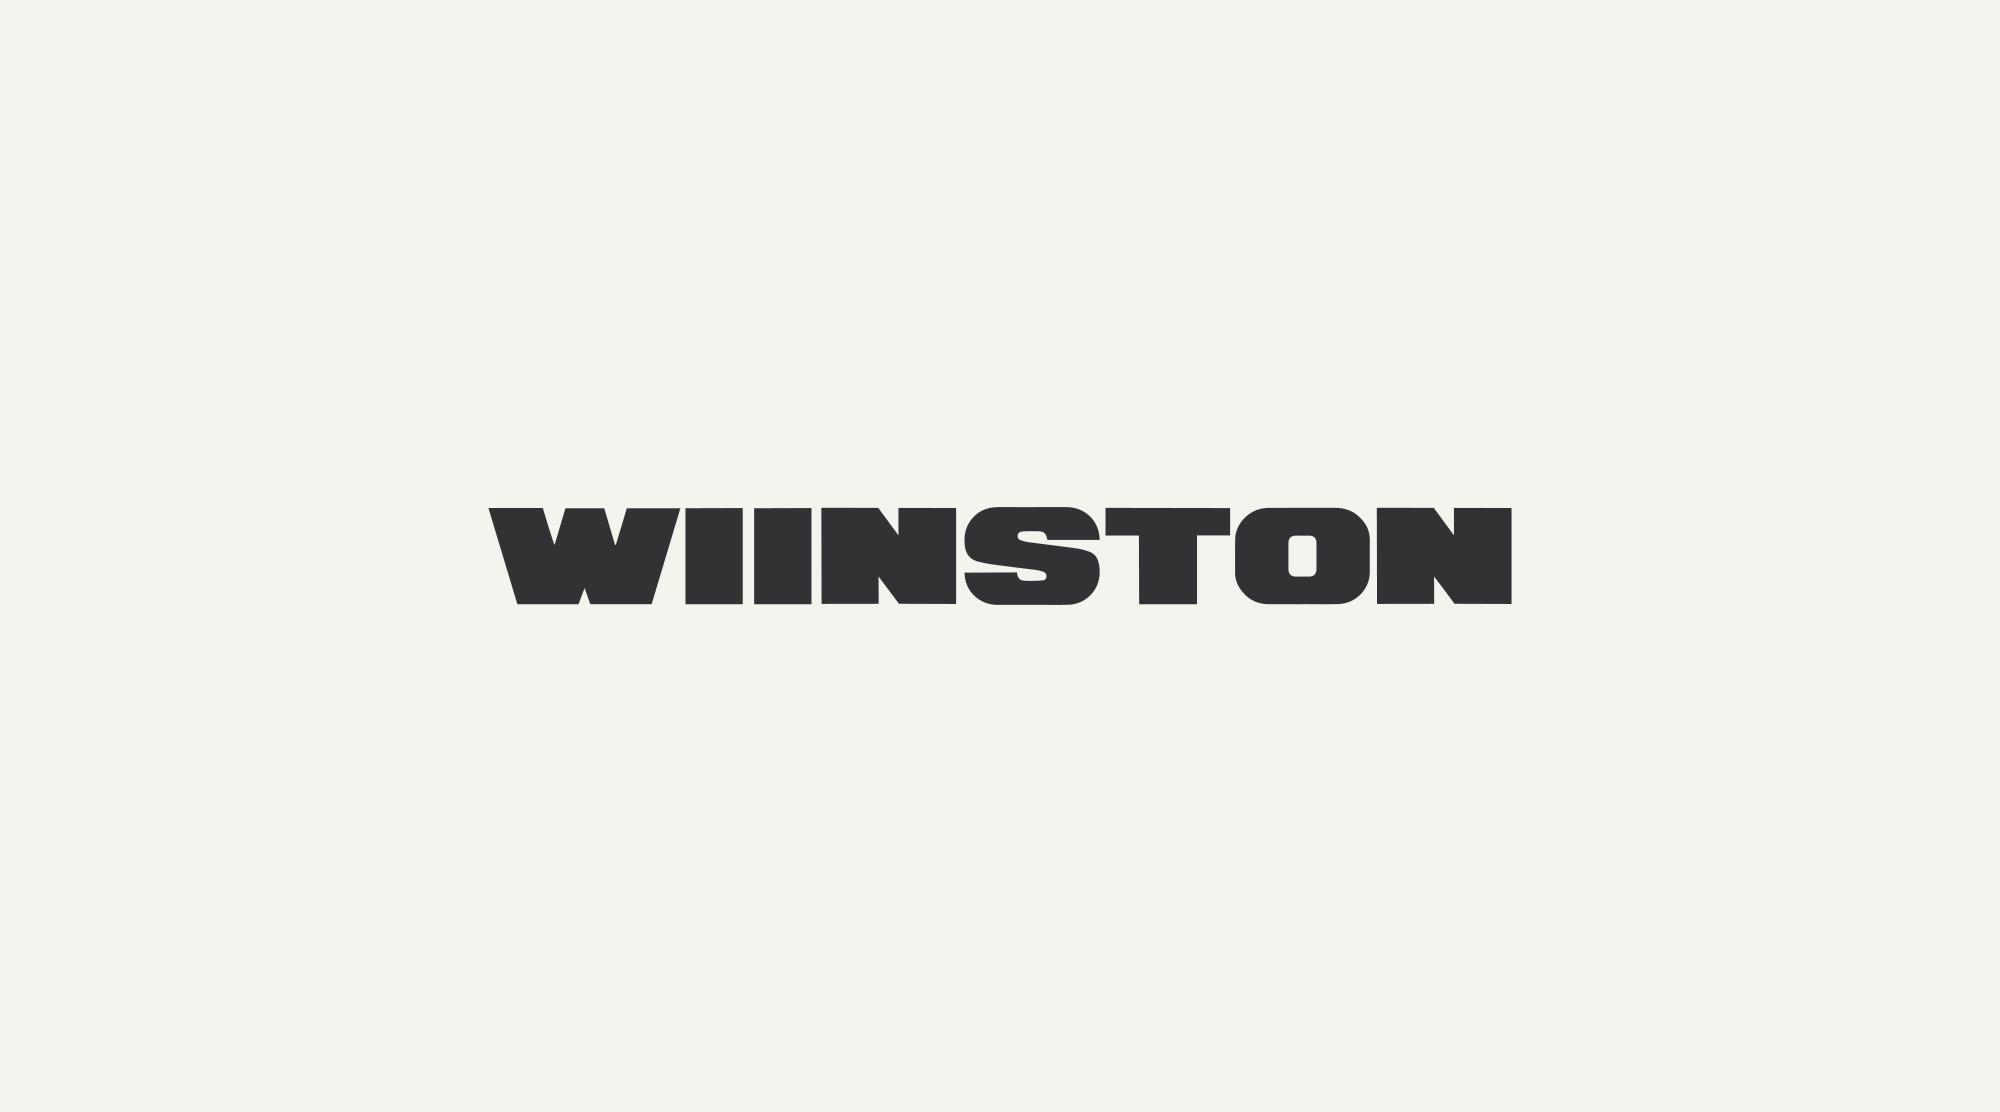 Wiinston_02